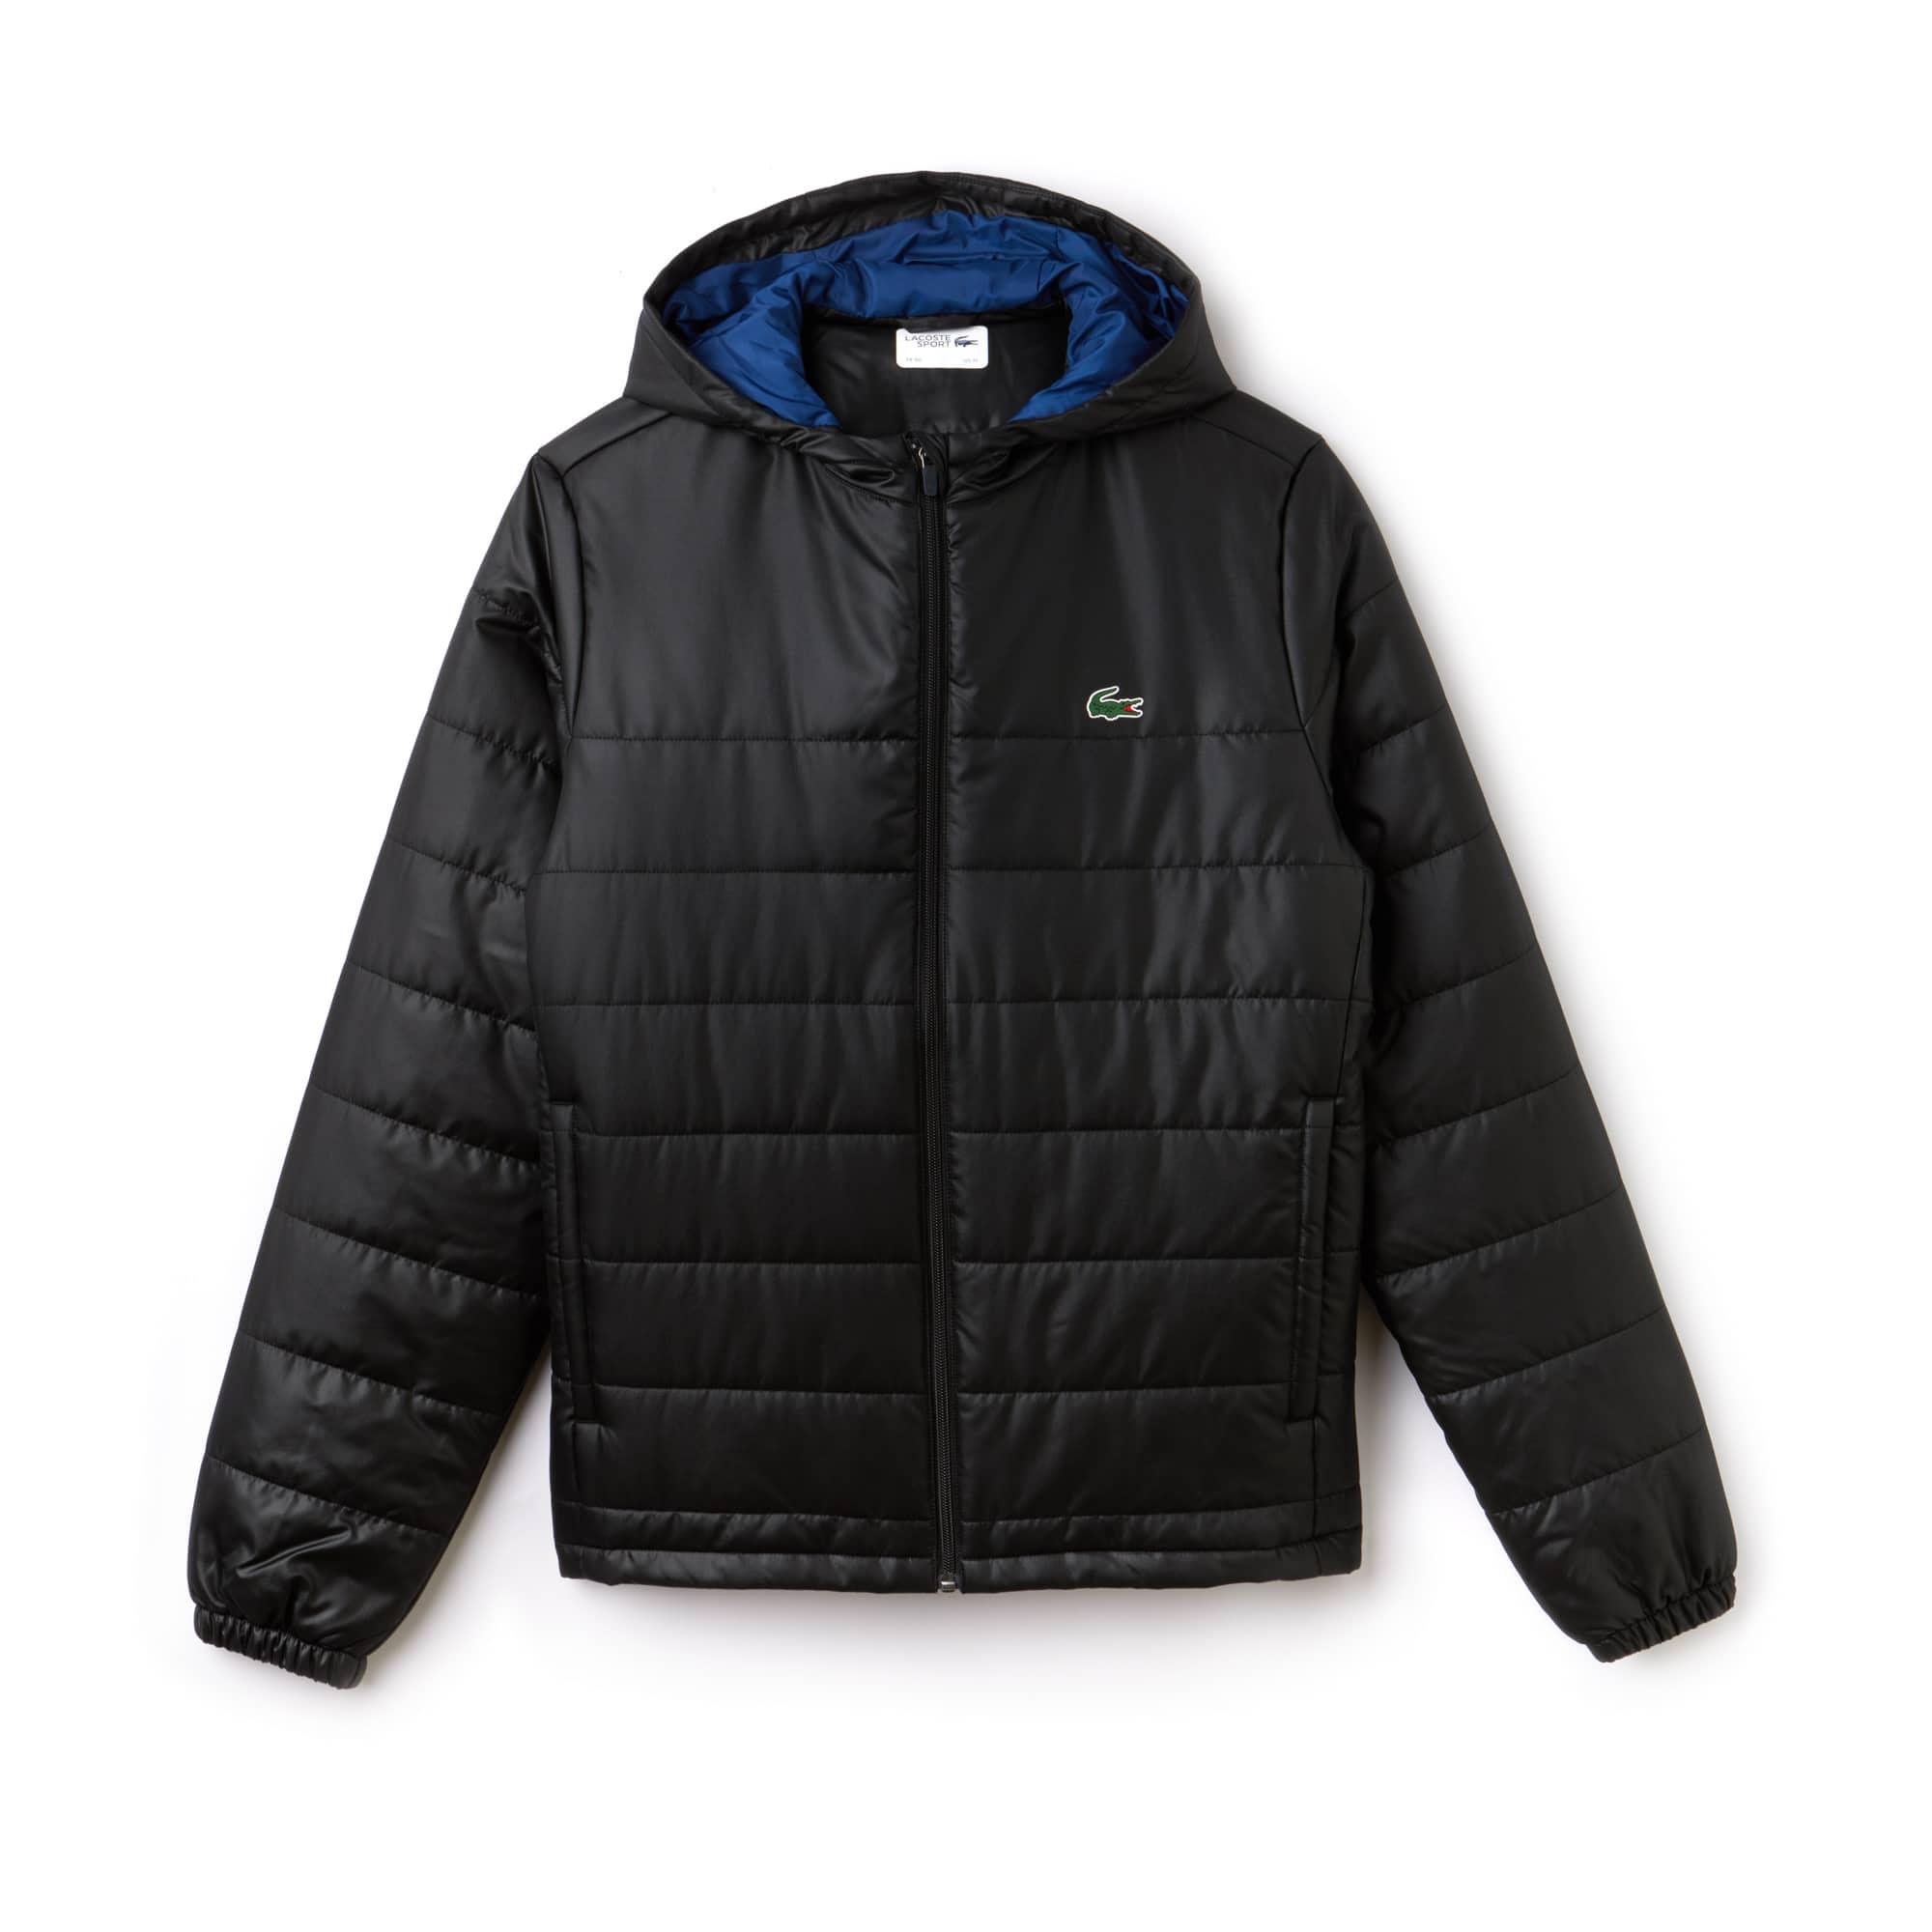 라코스테 Lacoste Mens SPORT Hooded Water-Resistant Taffeta Tennis Jacket,black/inkwell